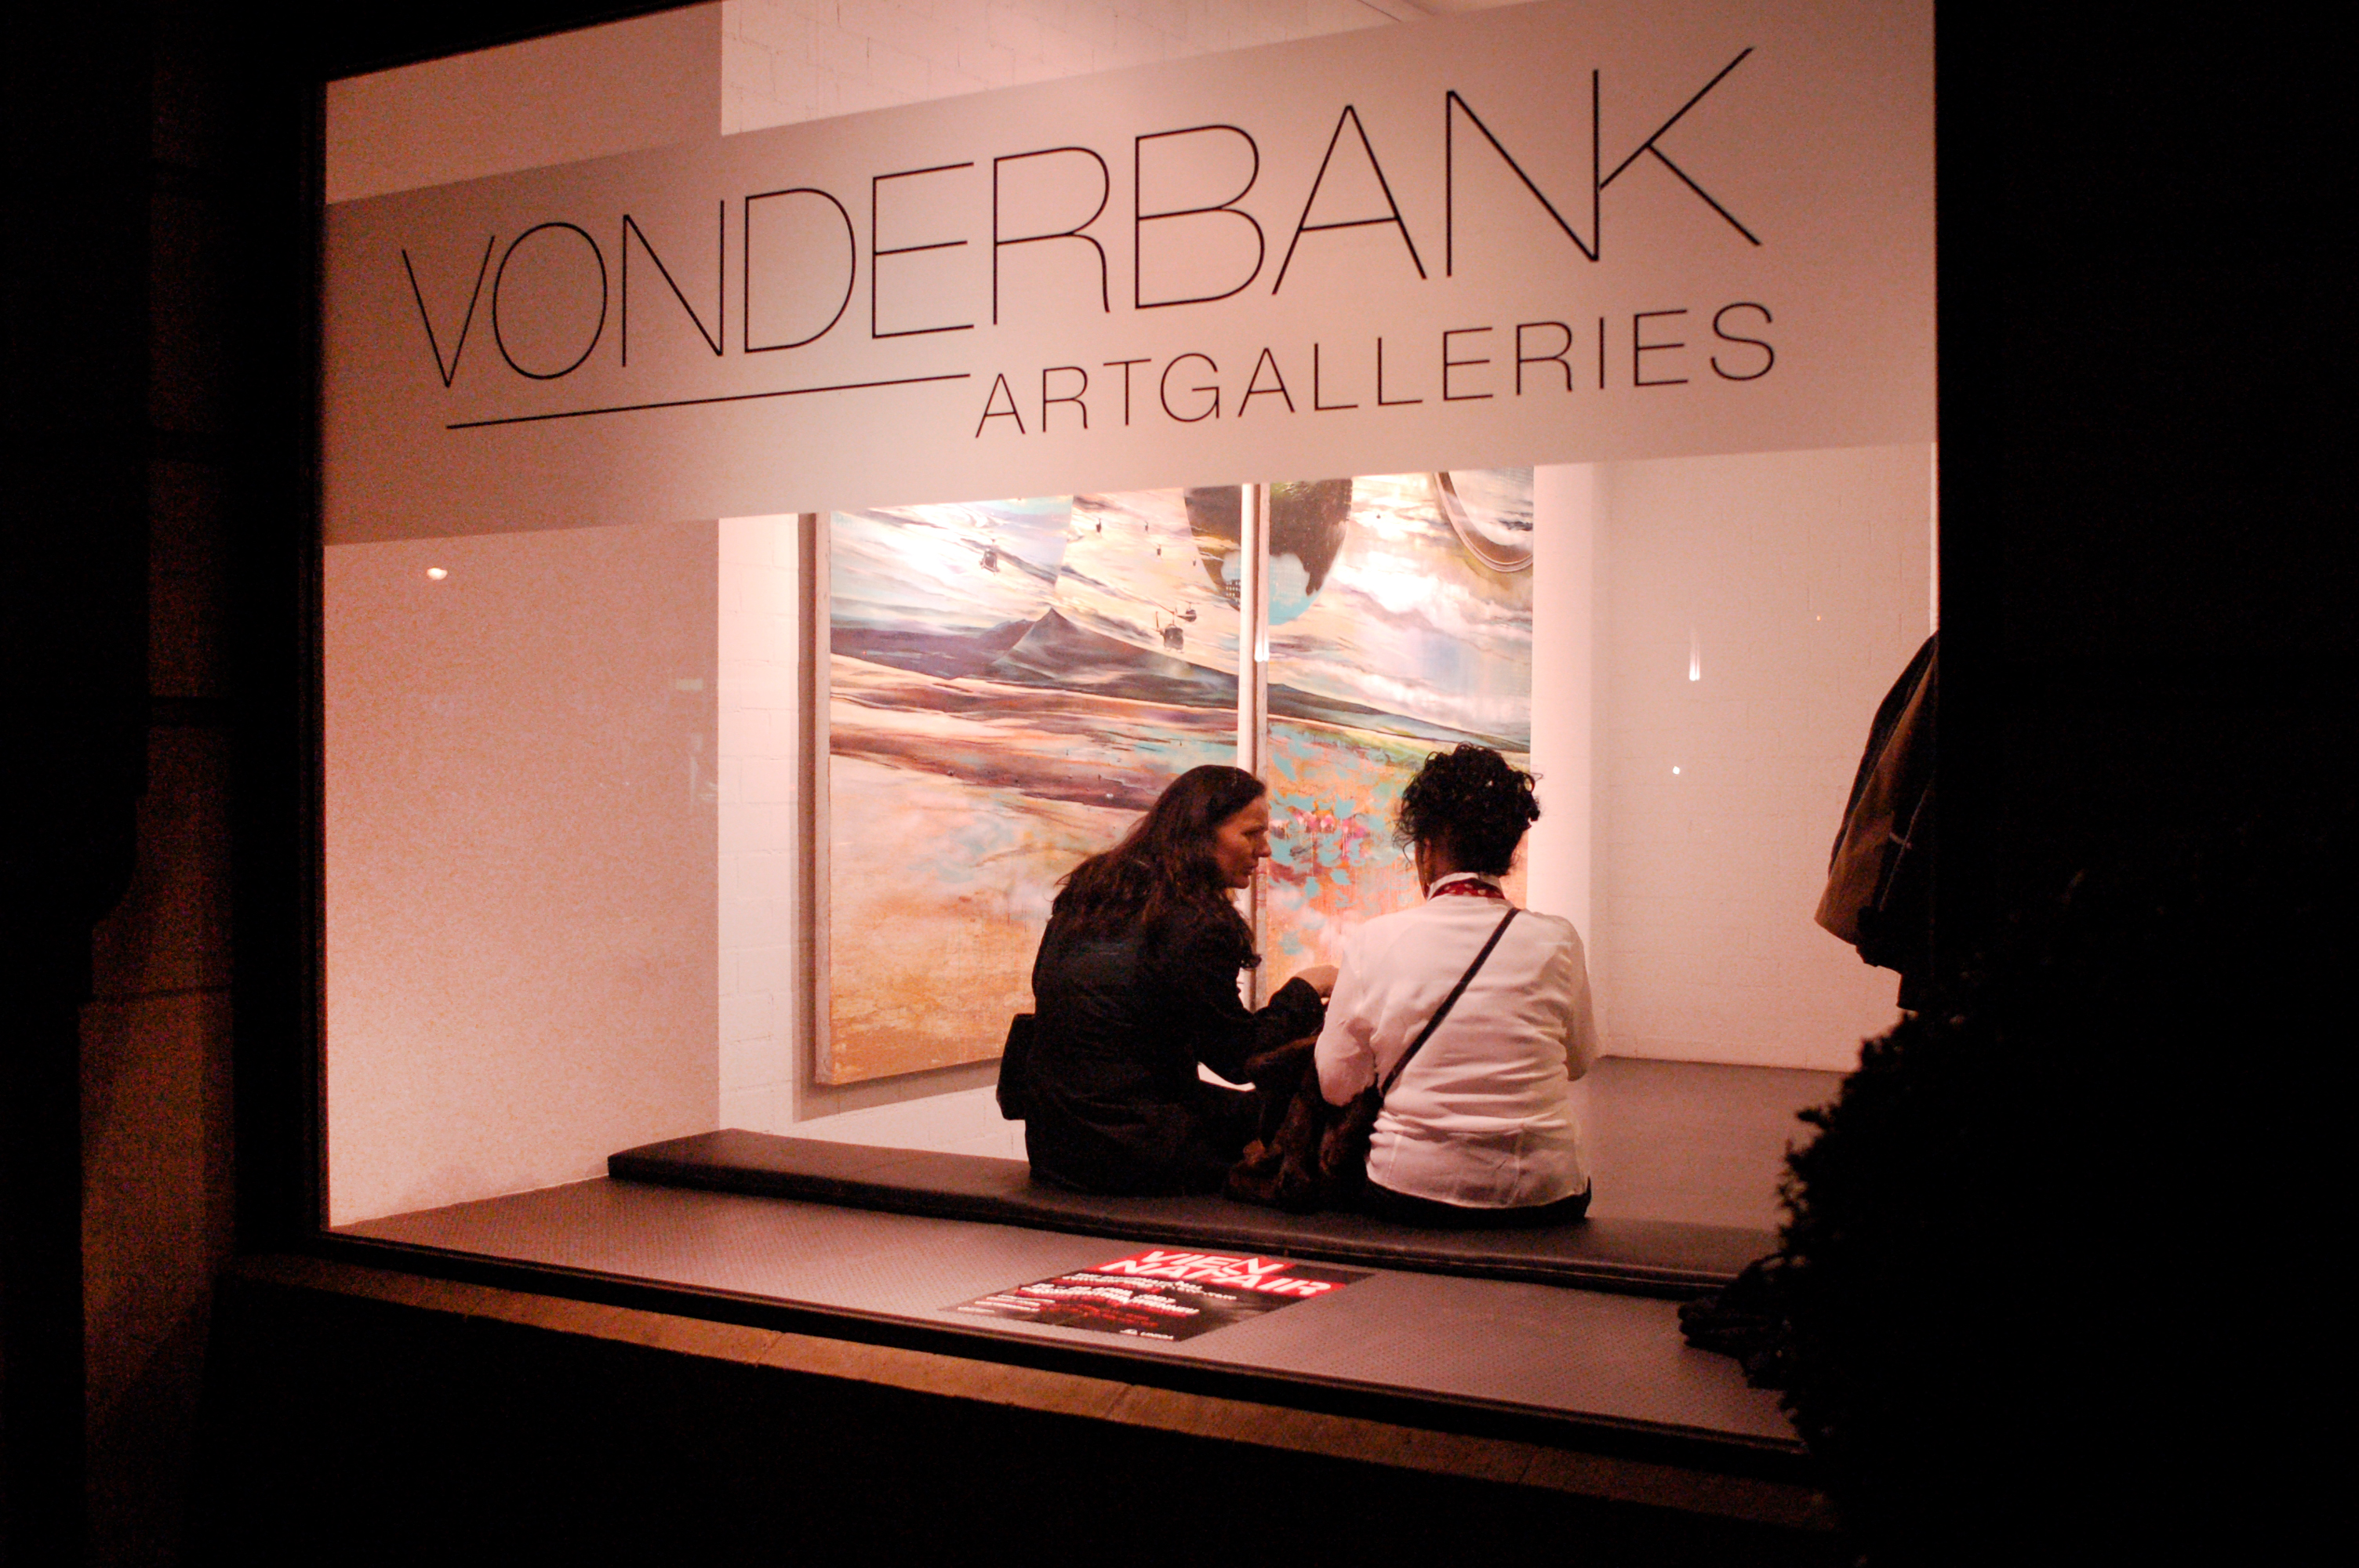 Vonderbank 3